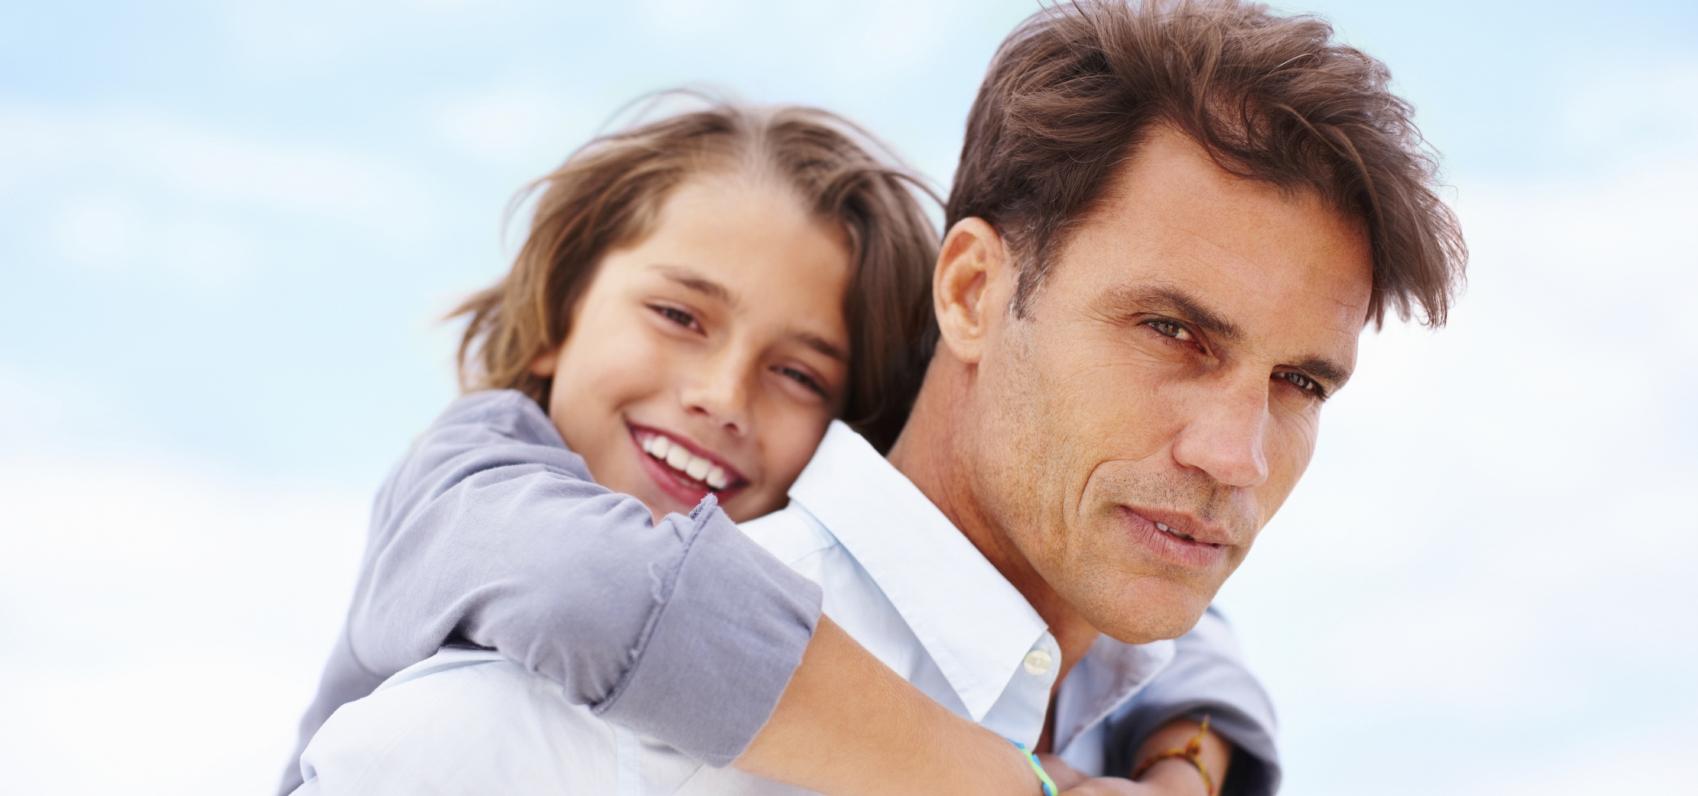 Padre e hijo tras hacerse aprueba de paternidad en la Clínica EMECE